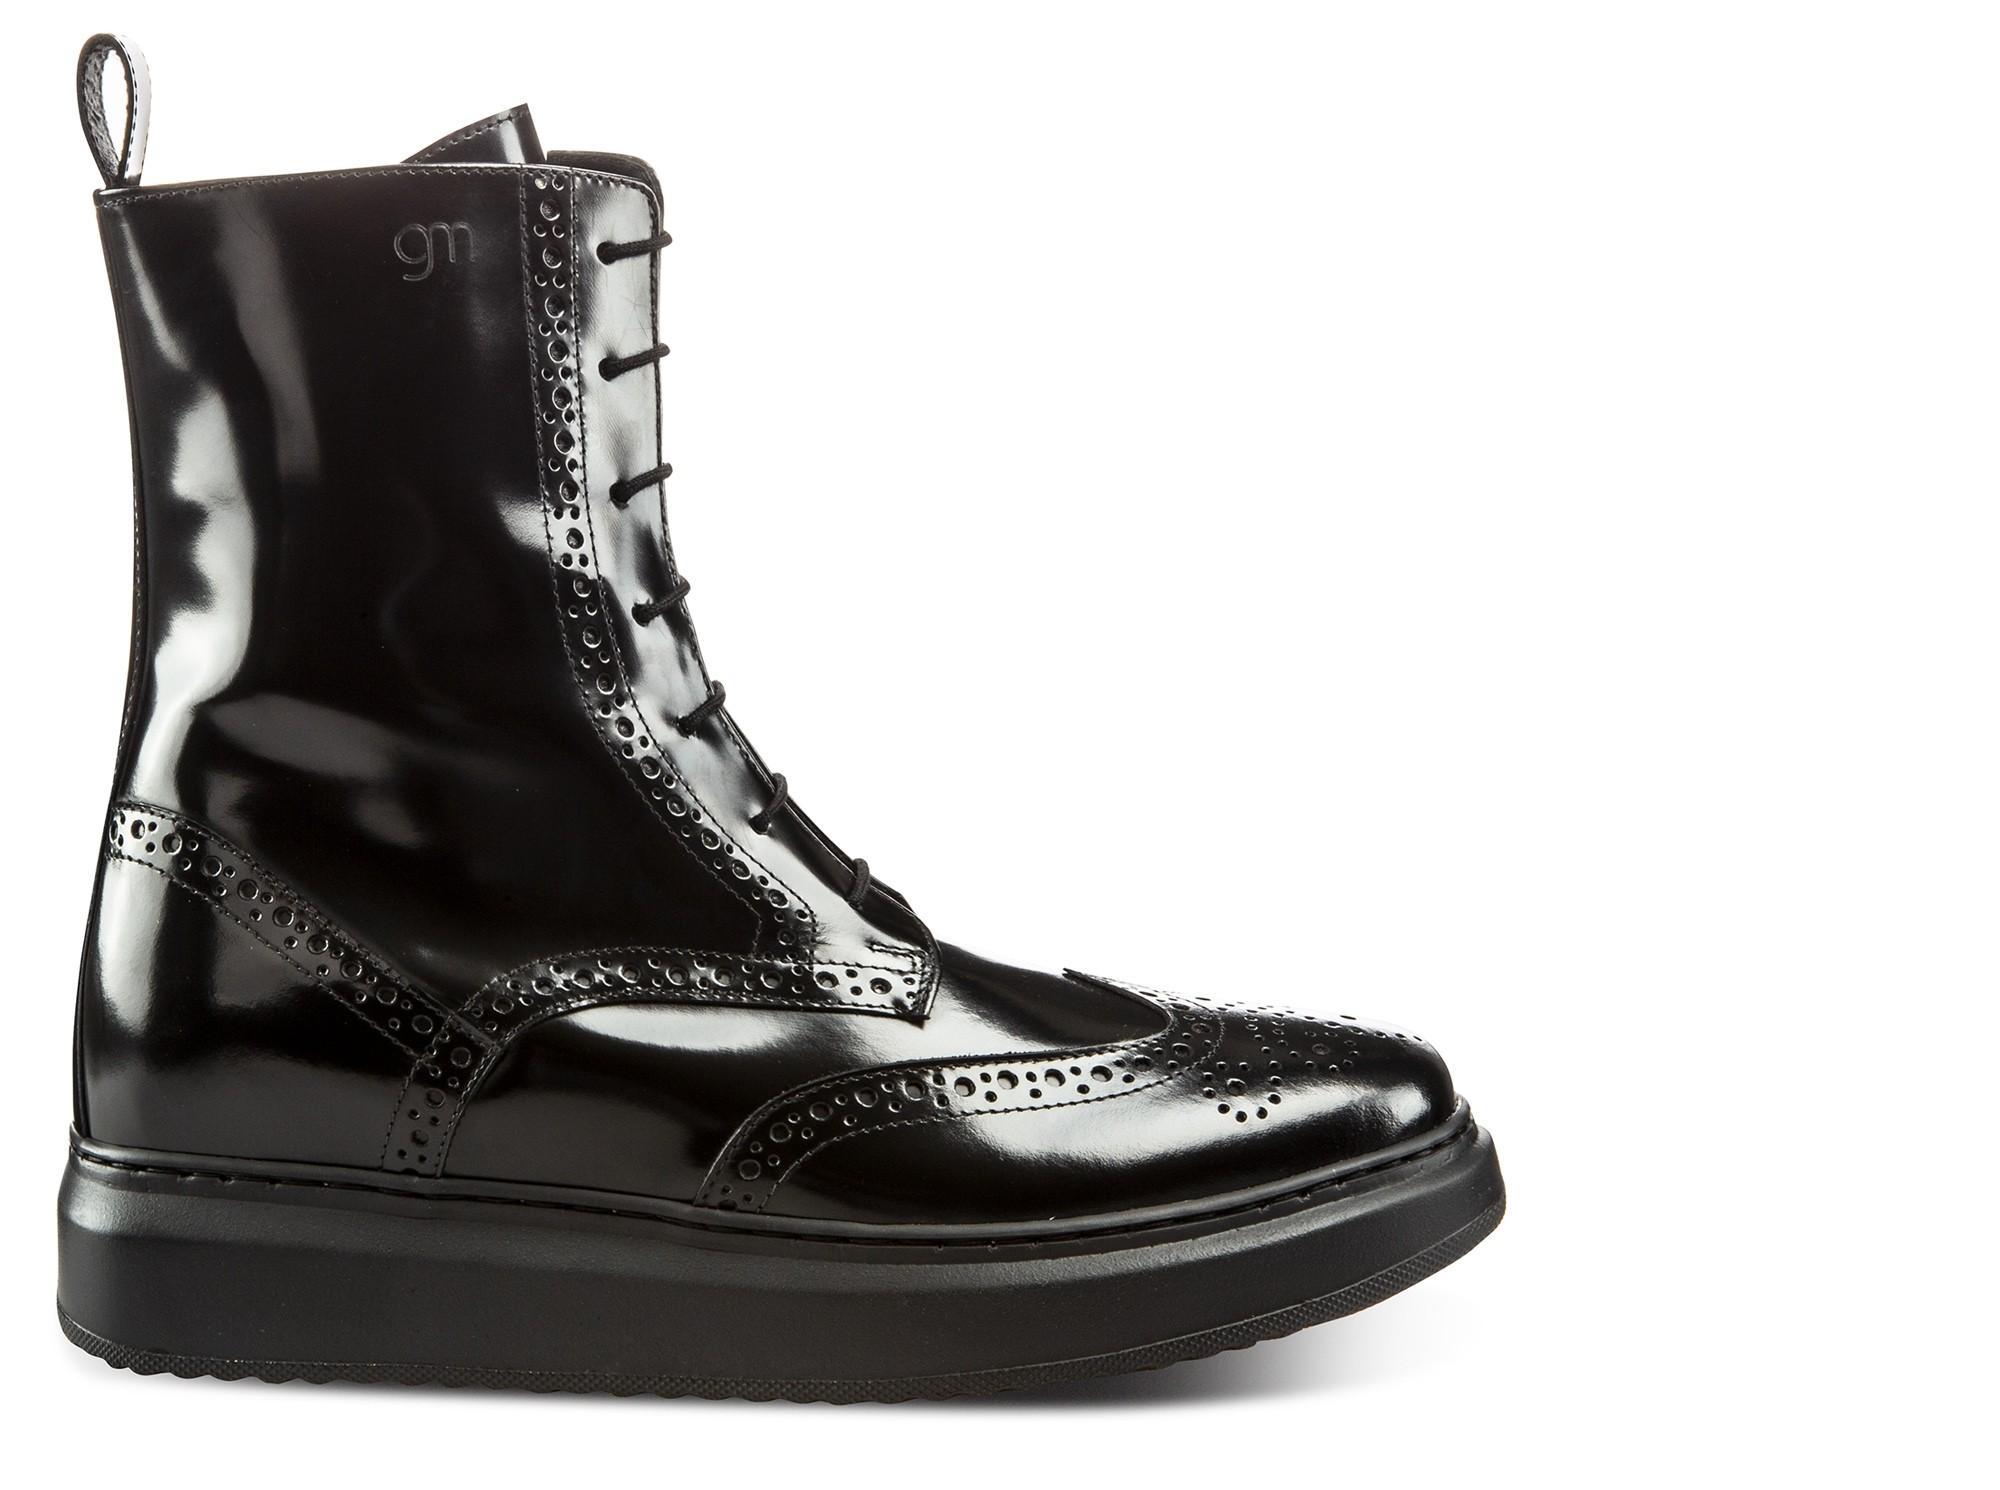 Edison scarpe con rialzo